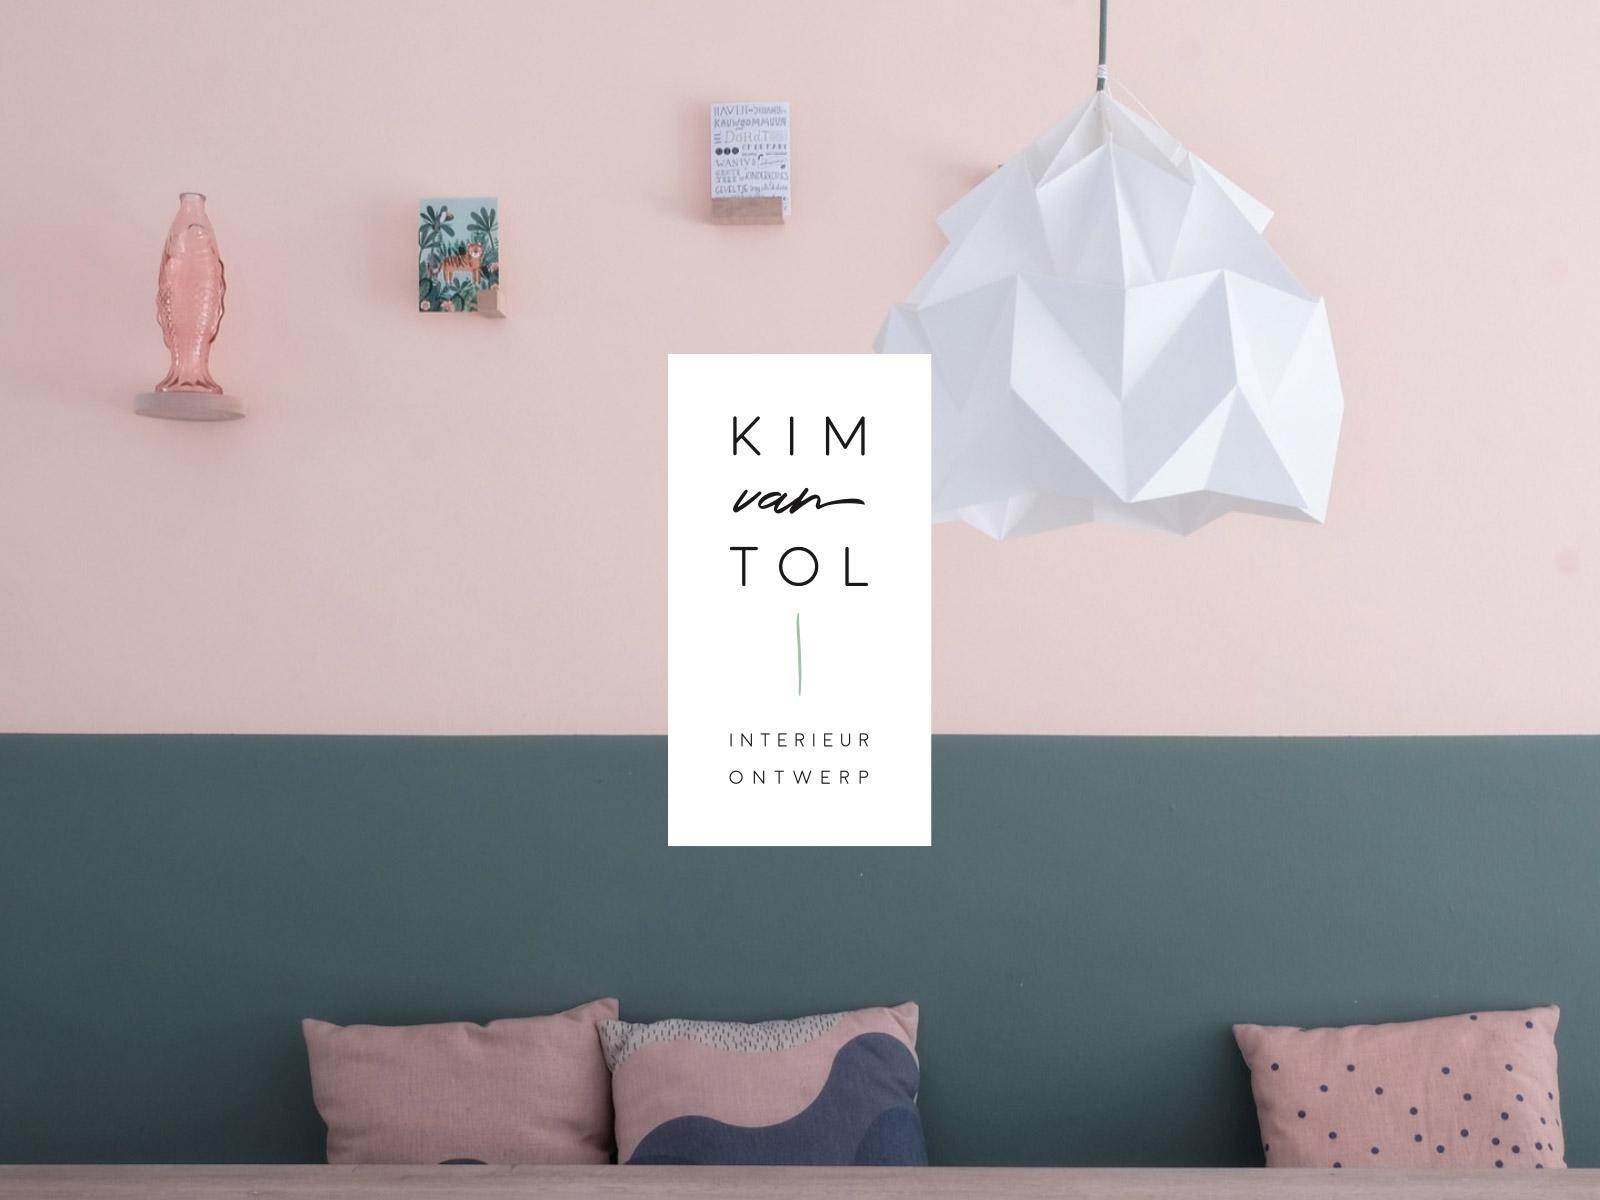 Kim van Tol branding by Haelsum